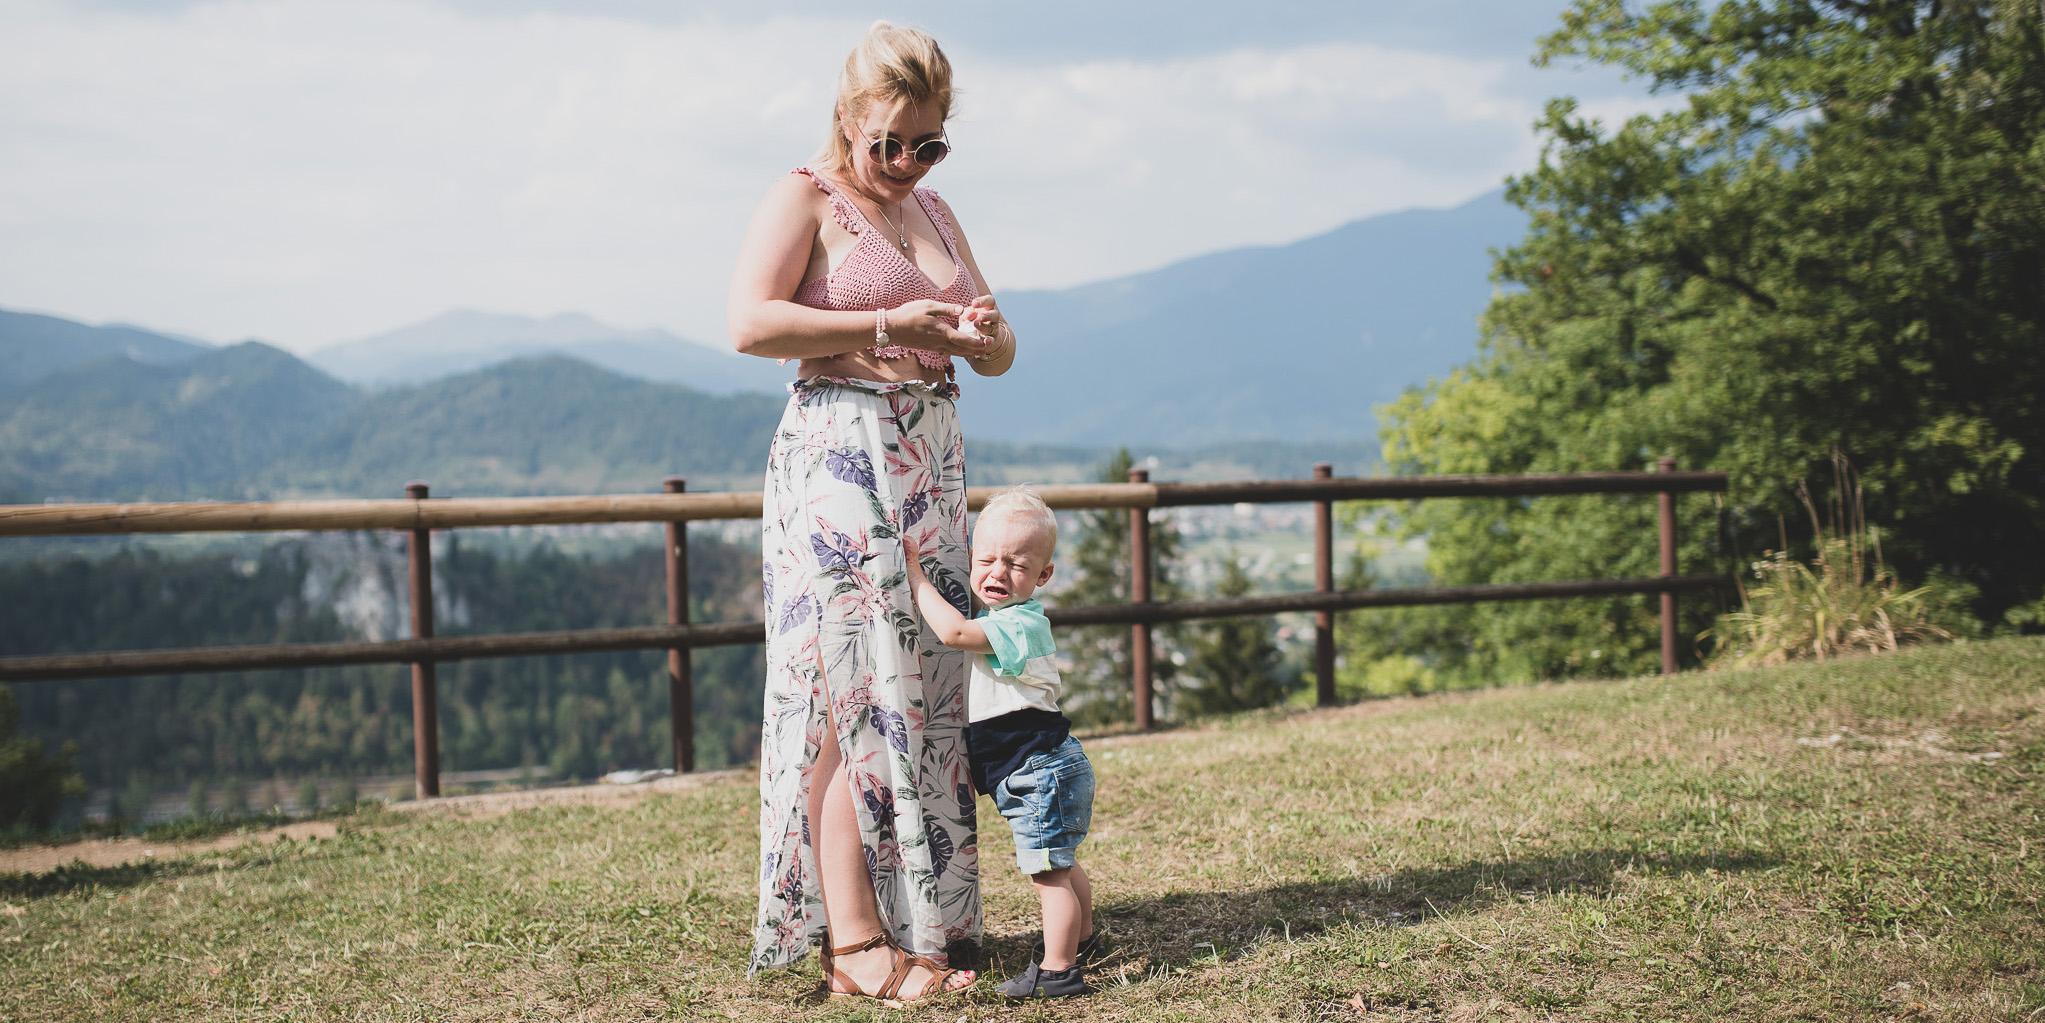 Meie õppetunnid beebiga reisides